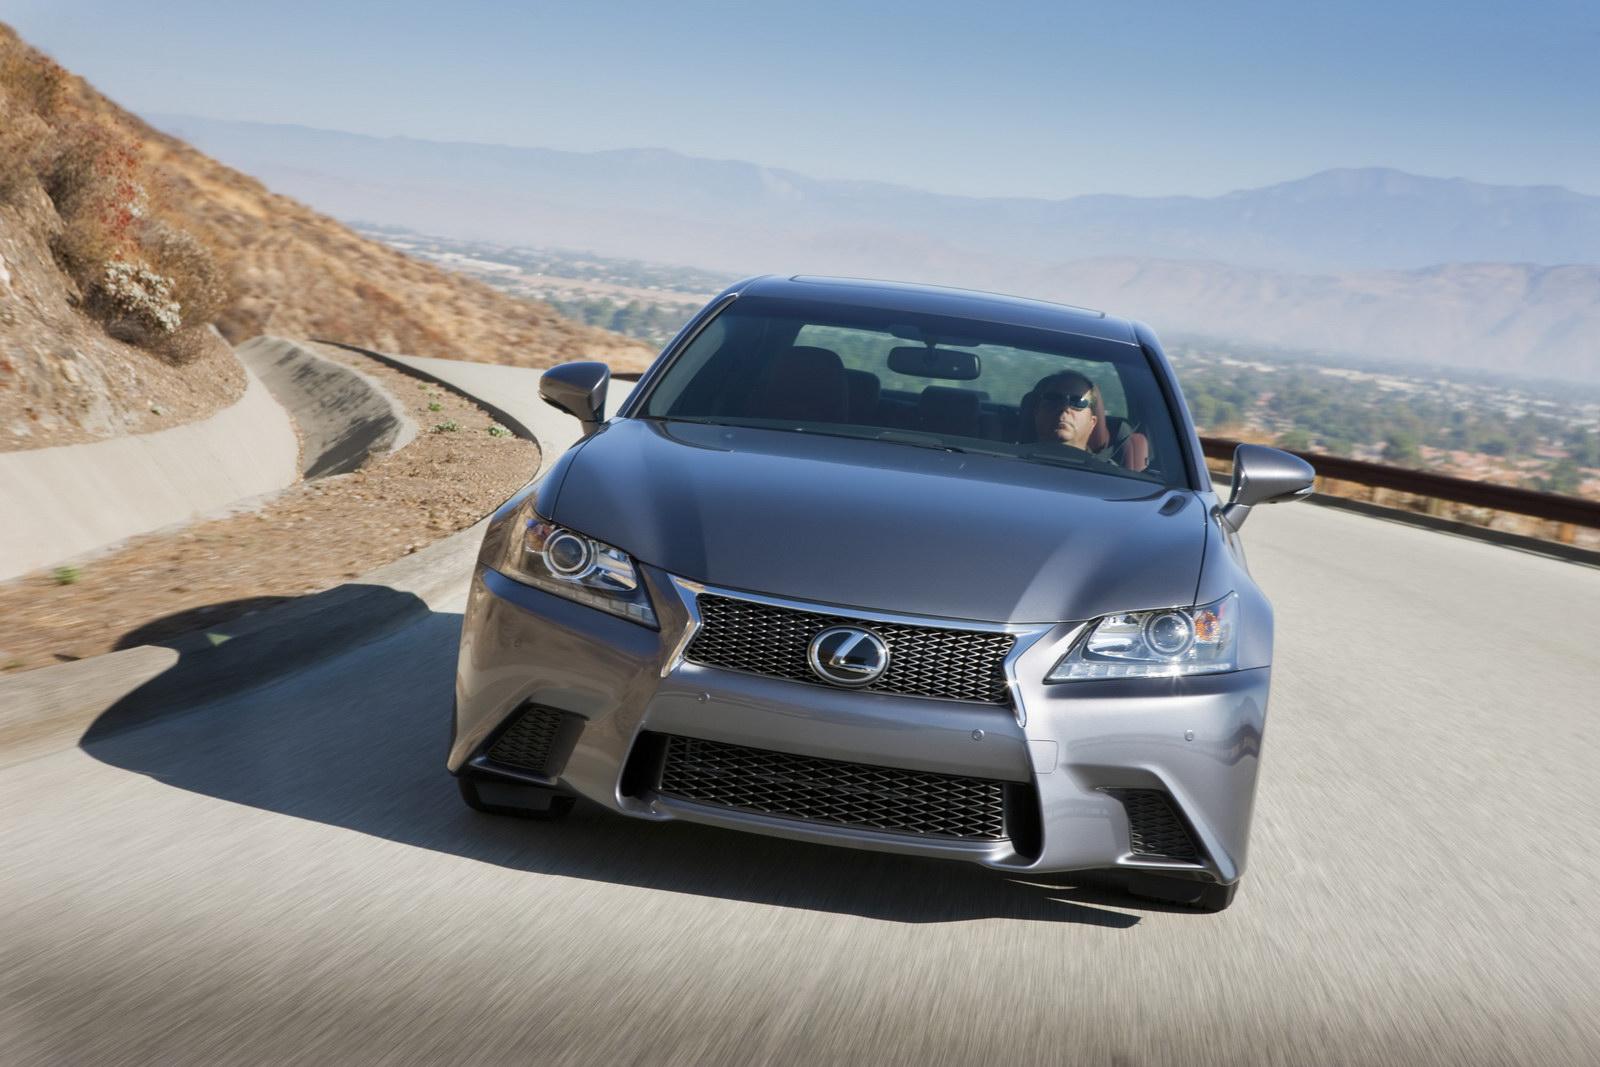 http://3.bp.blogspot.com/-I3W_cTAQizU/UMsQRE526nI/AAAAAAAAFsc/PiwTz26_CAw/s1600/2013+Lexus+GS+450h+F+Sport+1.jpg